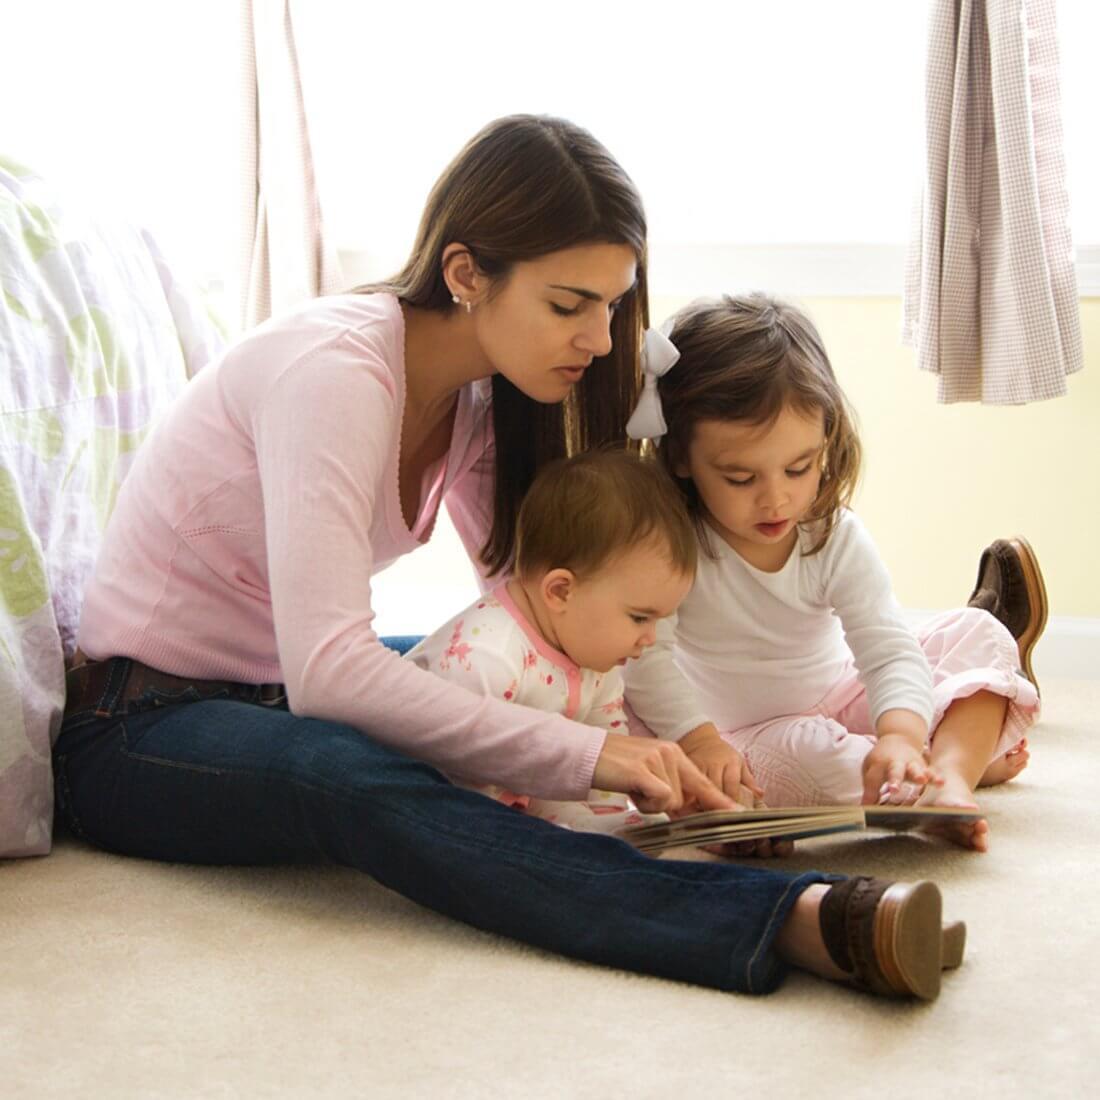 Quel Est L âge Minimum Pour Faire Du Babysitting En France